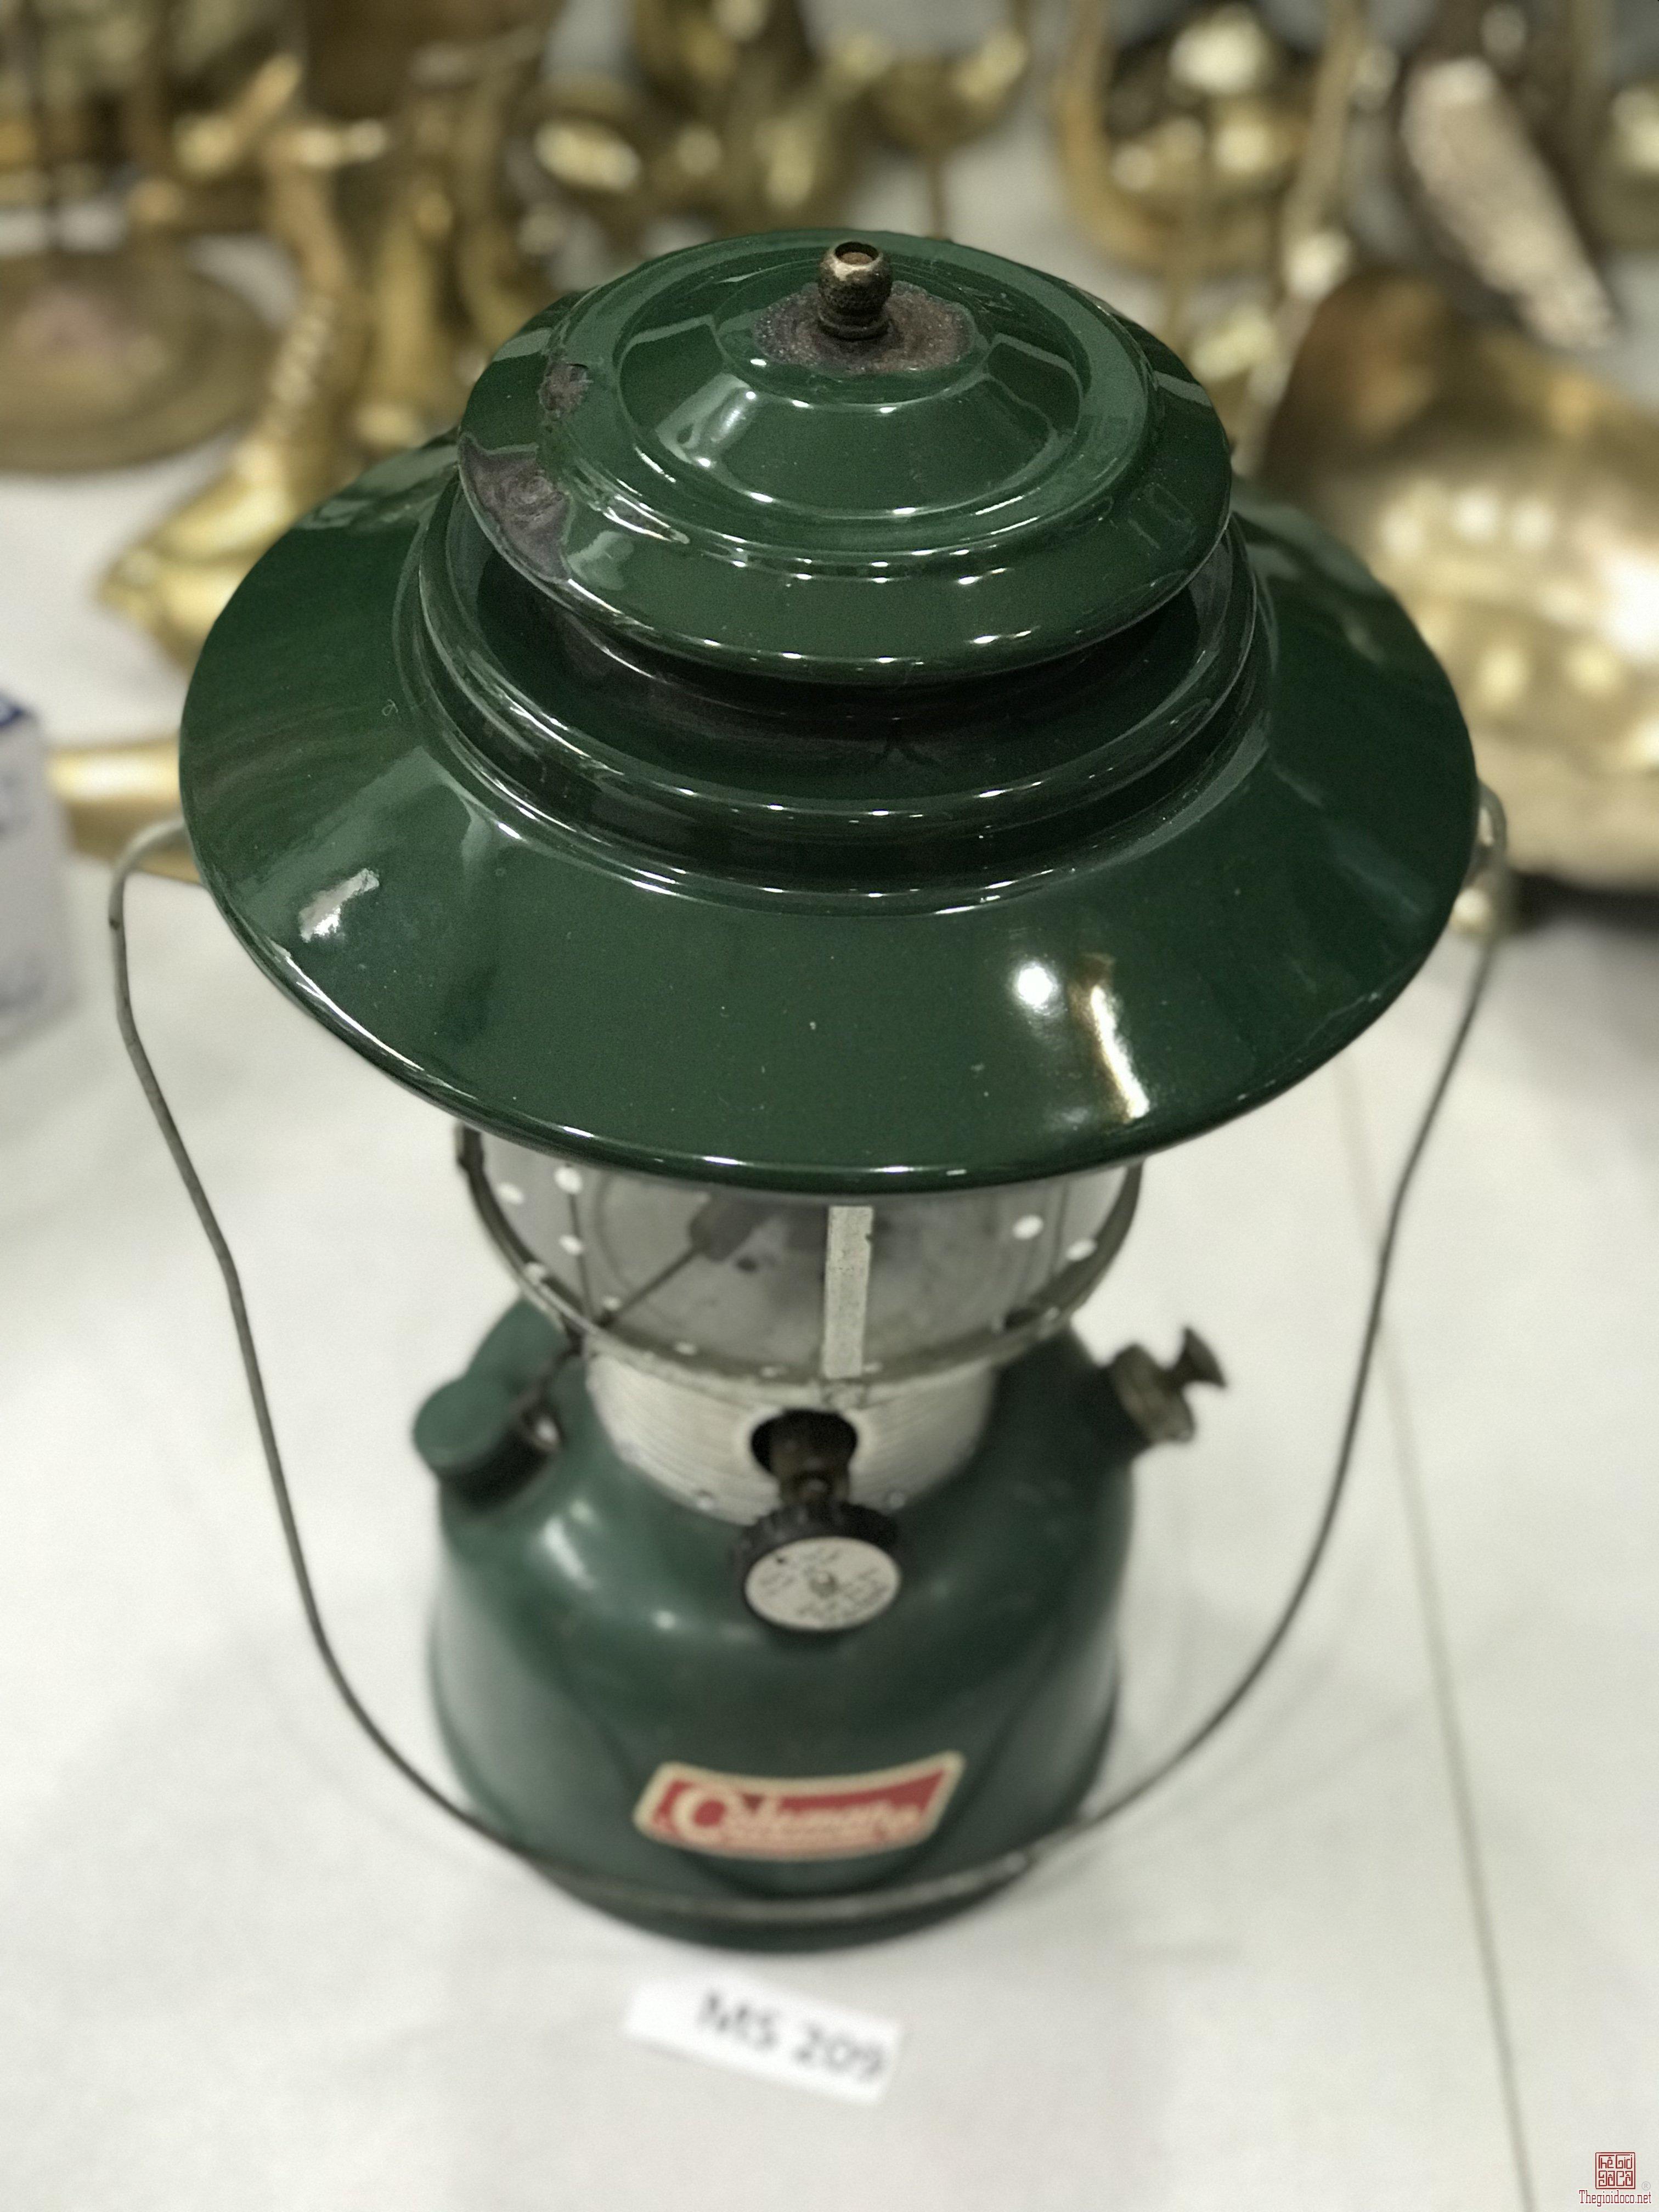 Đèn Măng Xông COLEMAN (MS 209) MADE IN USA Đồ Xưa Hàng Từ Mỹ